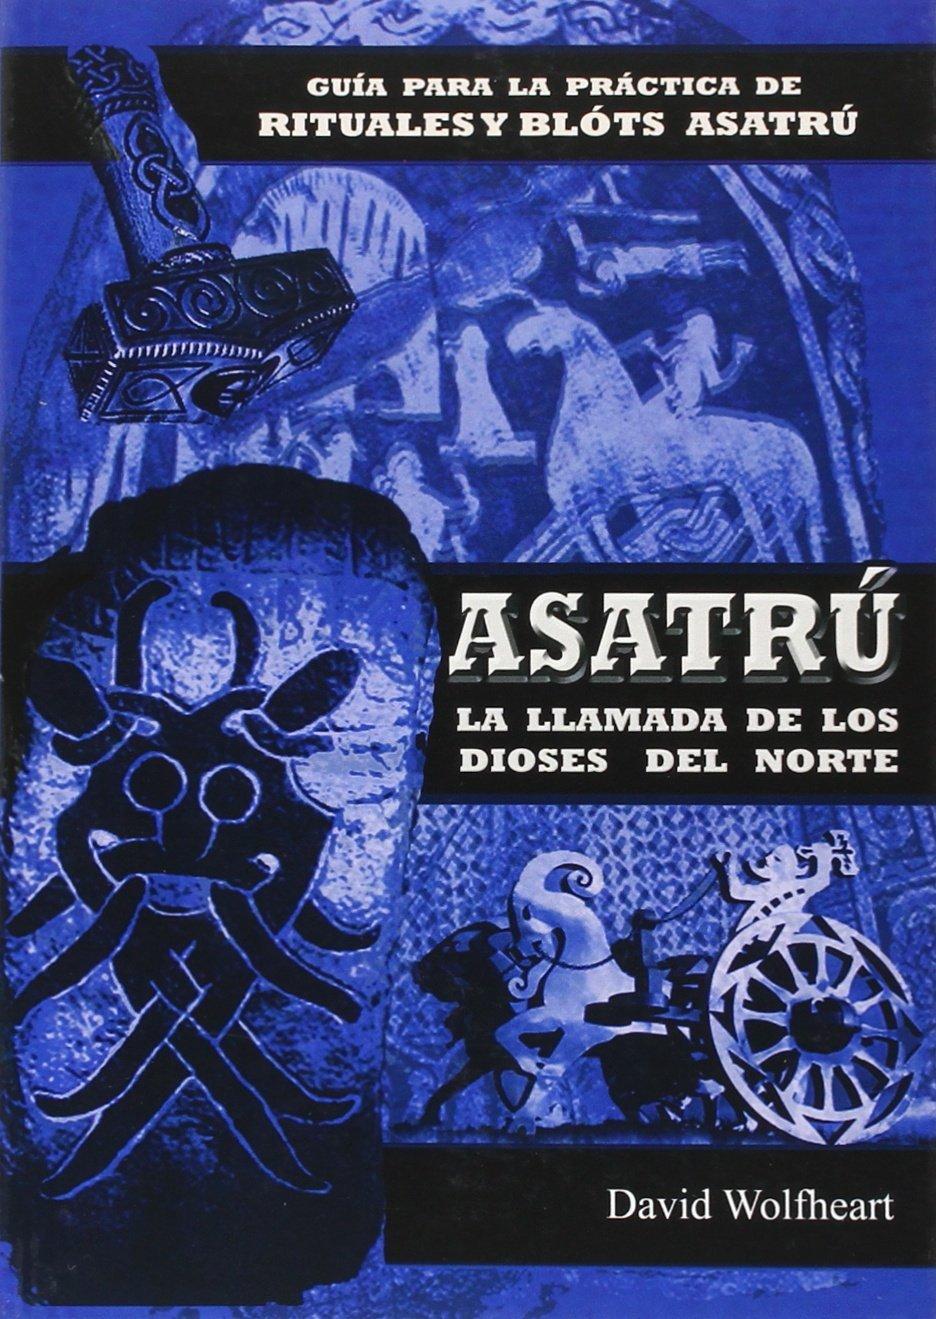 Una religión nativa: La llamada de los dioses del norte: Amazon.es: David  Wolfheart: Libros